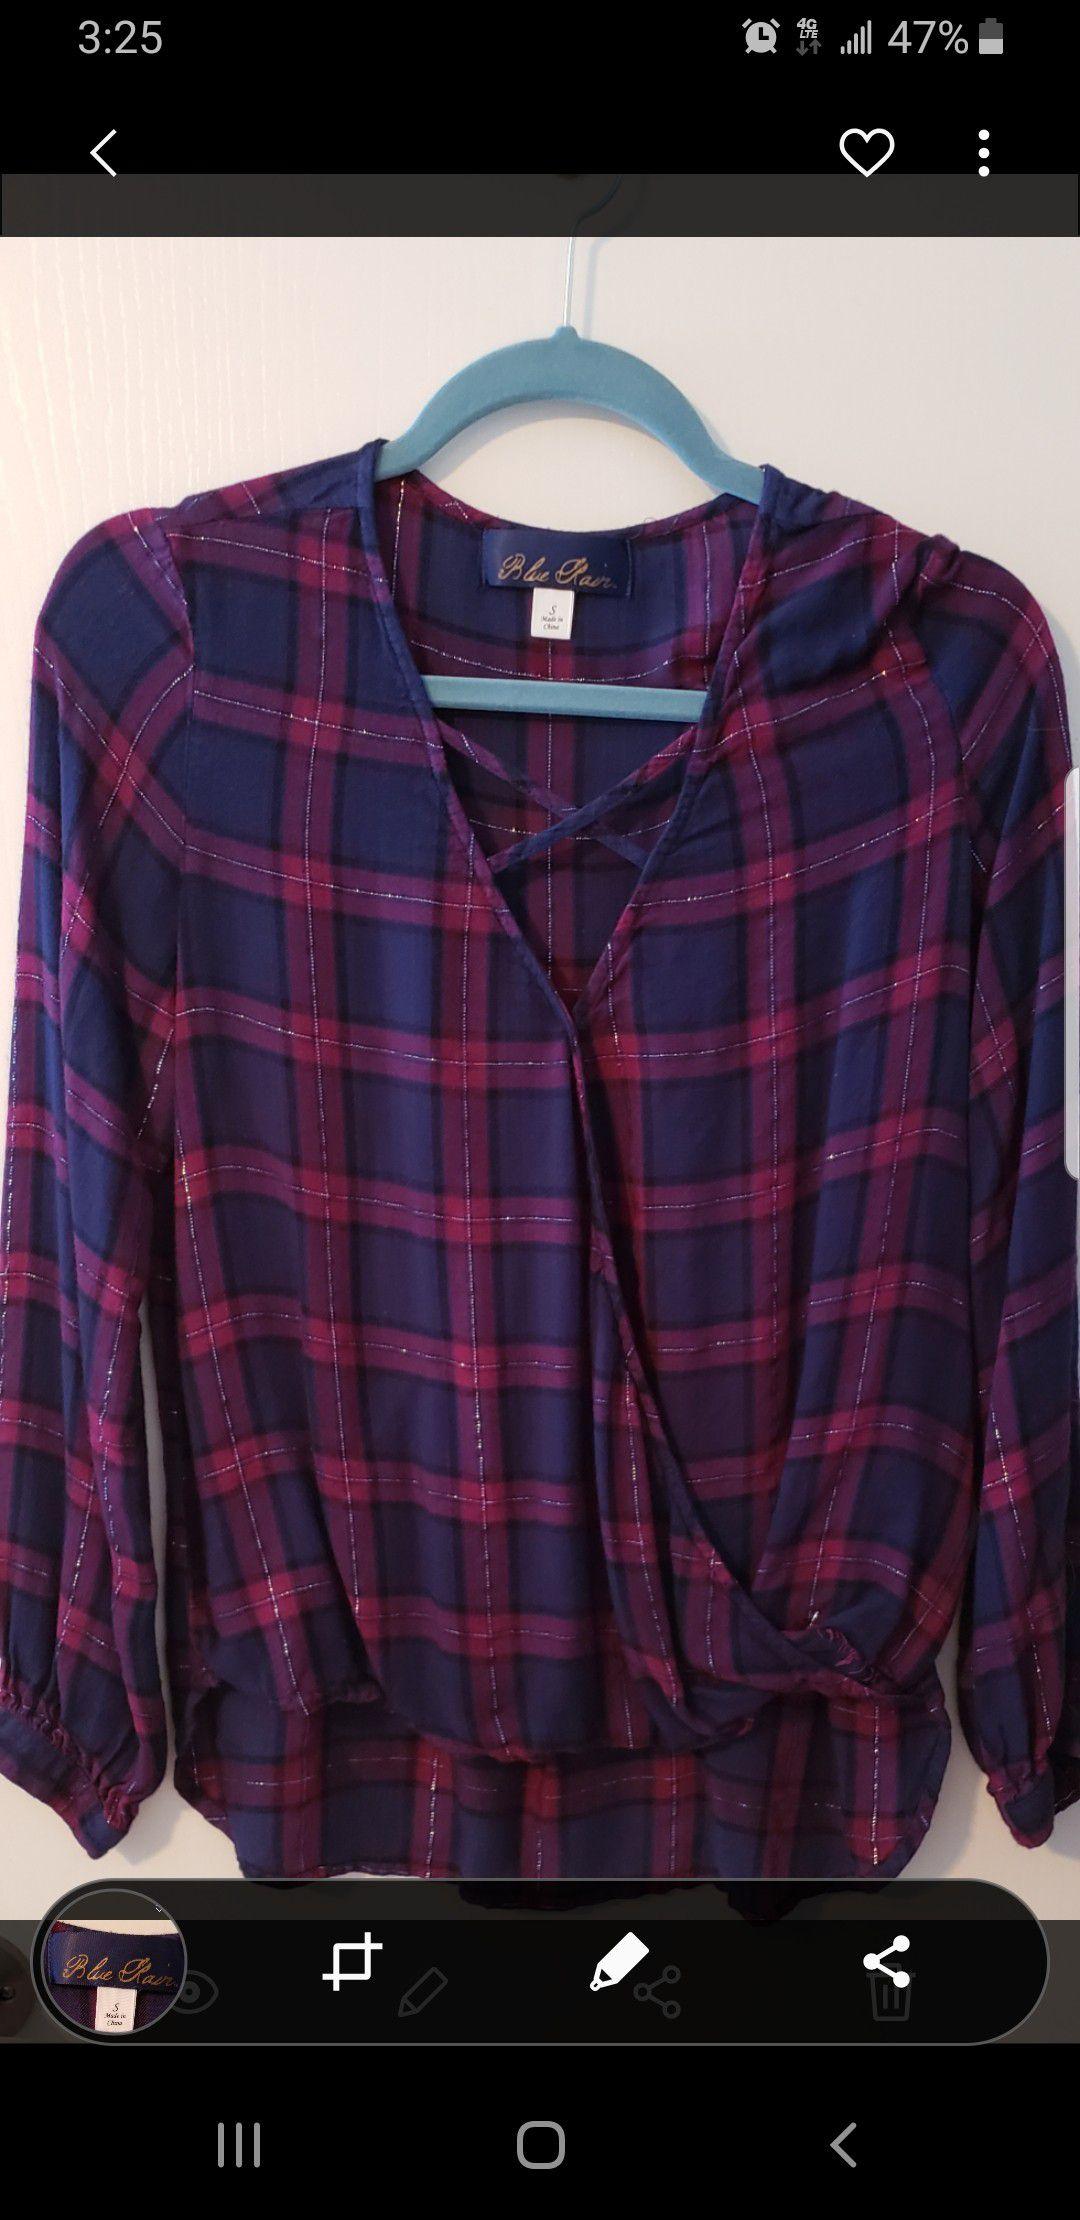 Ladies plaid shirts